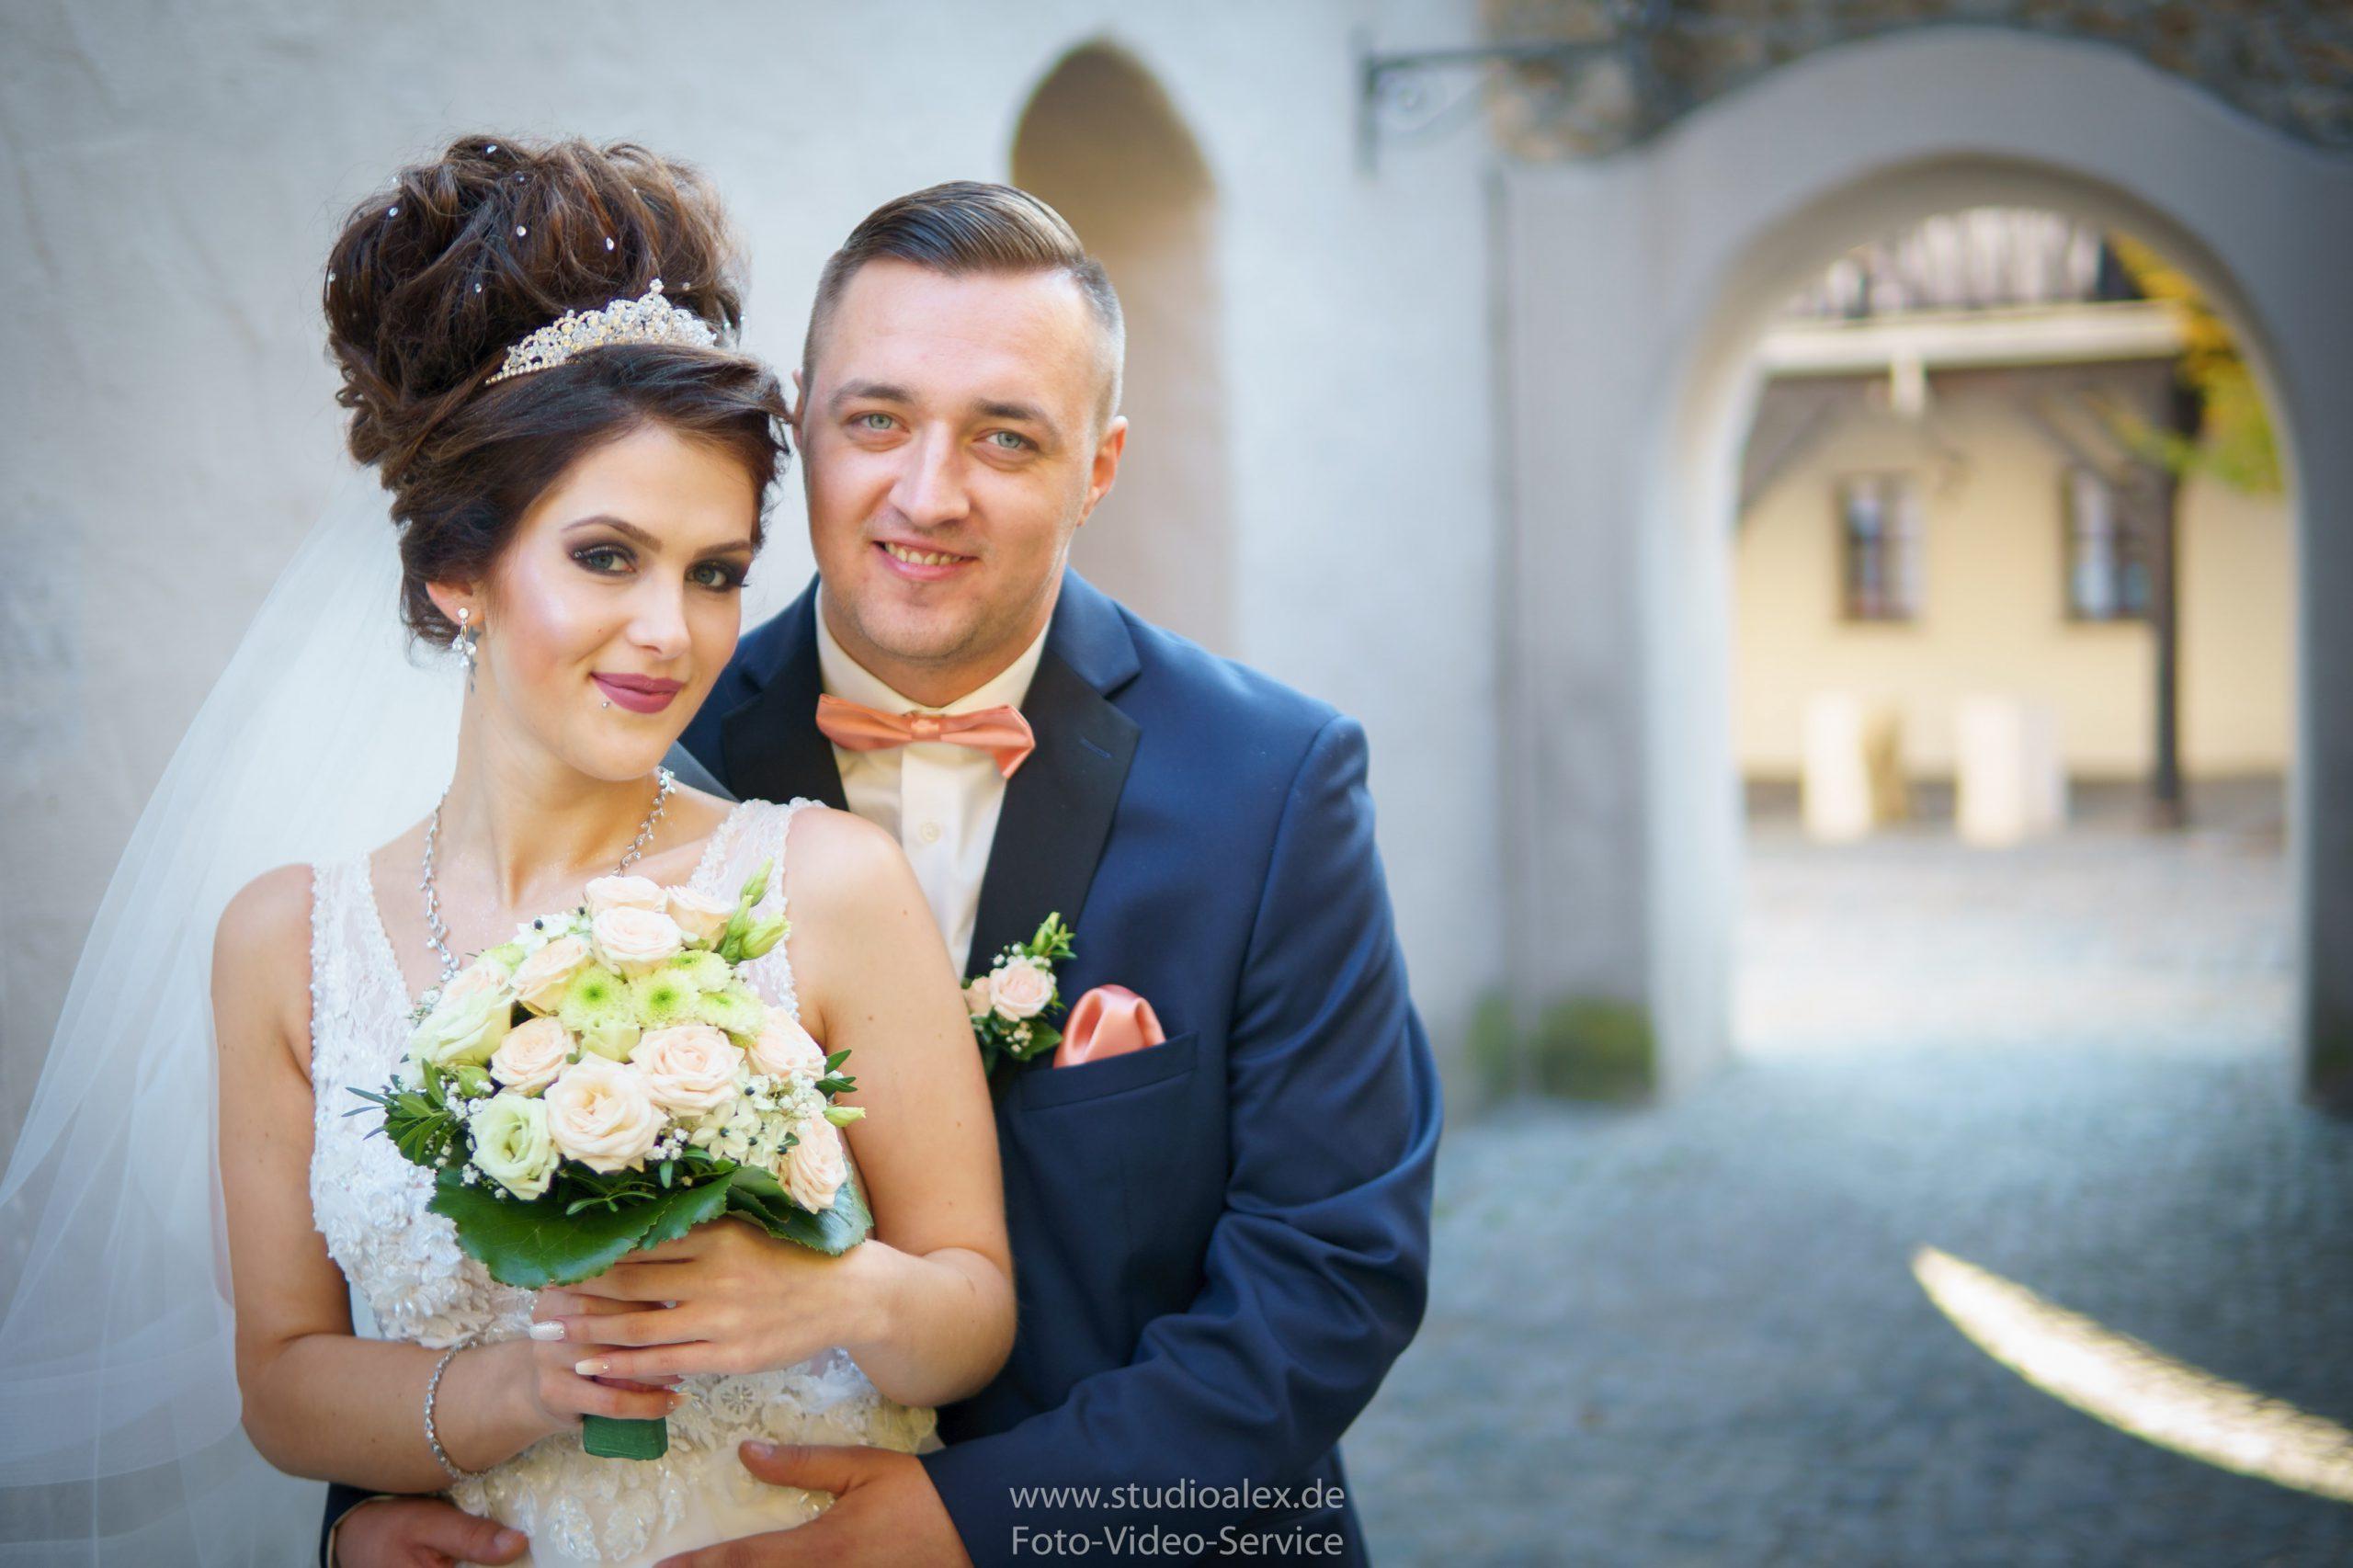 Hochzeitsfotograf-Amberg-Hochzeitsfotografie-Amberg-Hochzeitsfotos-Amberg-Hochzeitsbilder-Amberg-Fotograf-Hochzeit-Amberg-06280-scaled.jpg